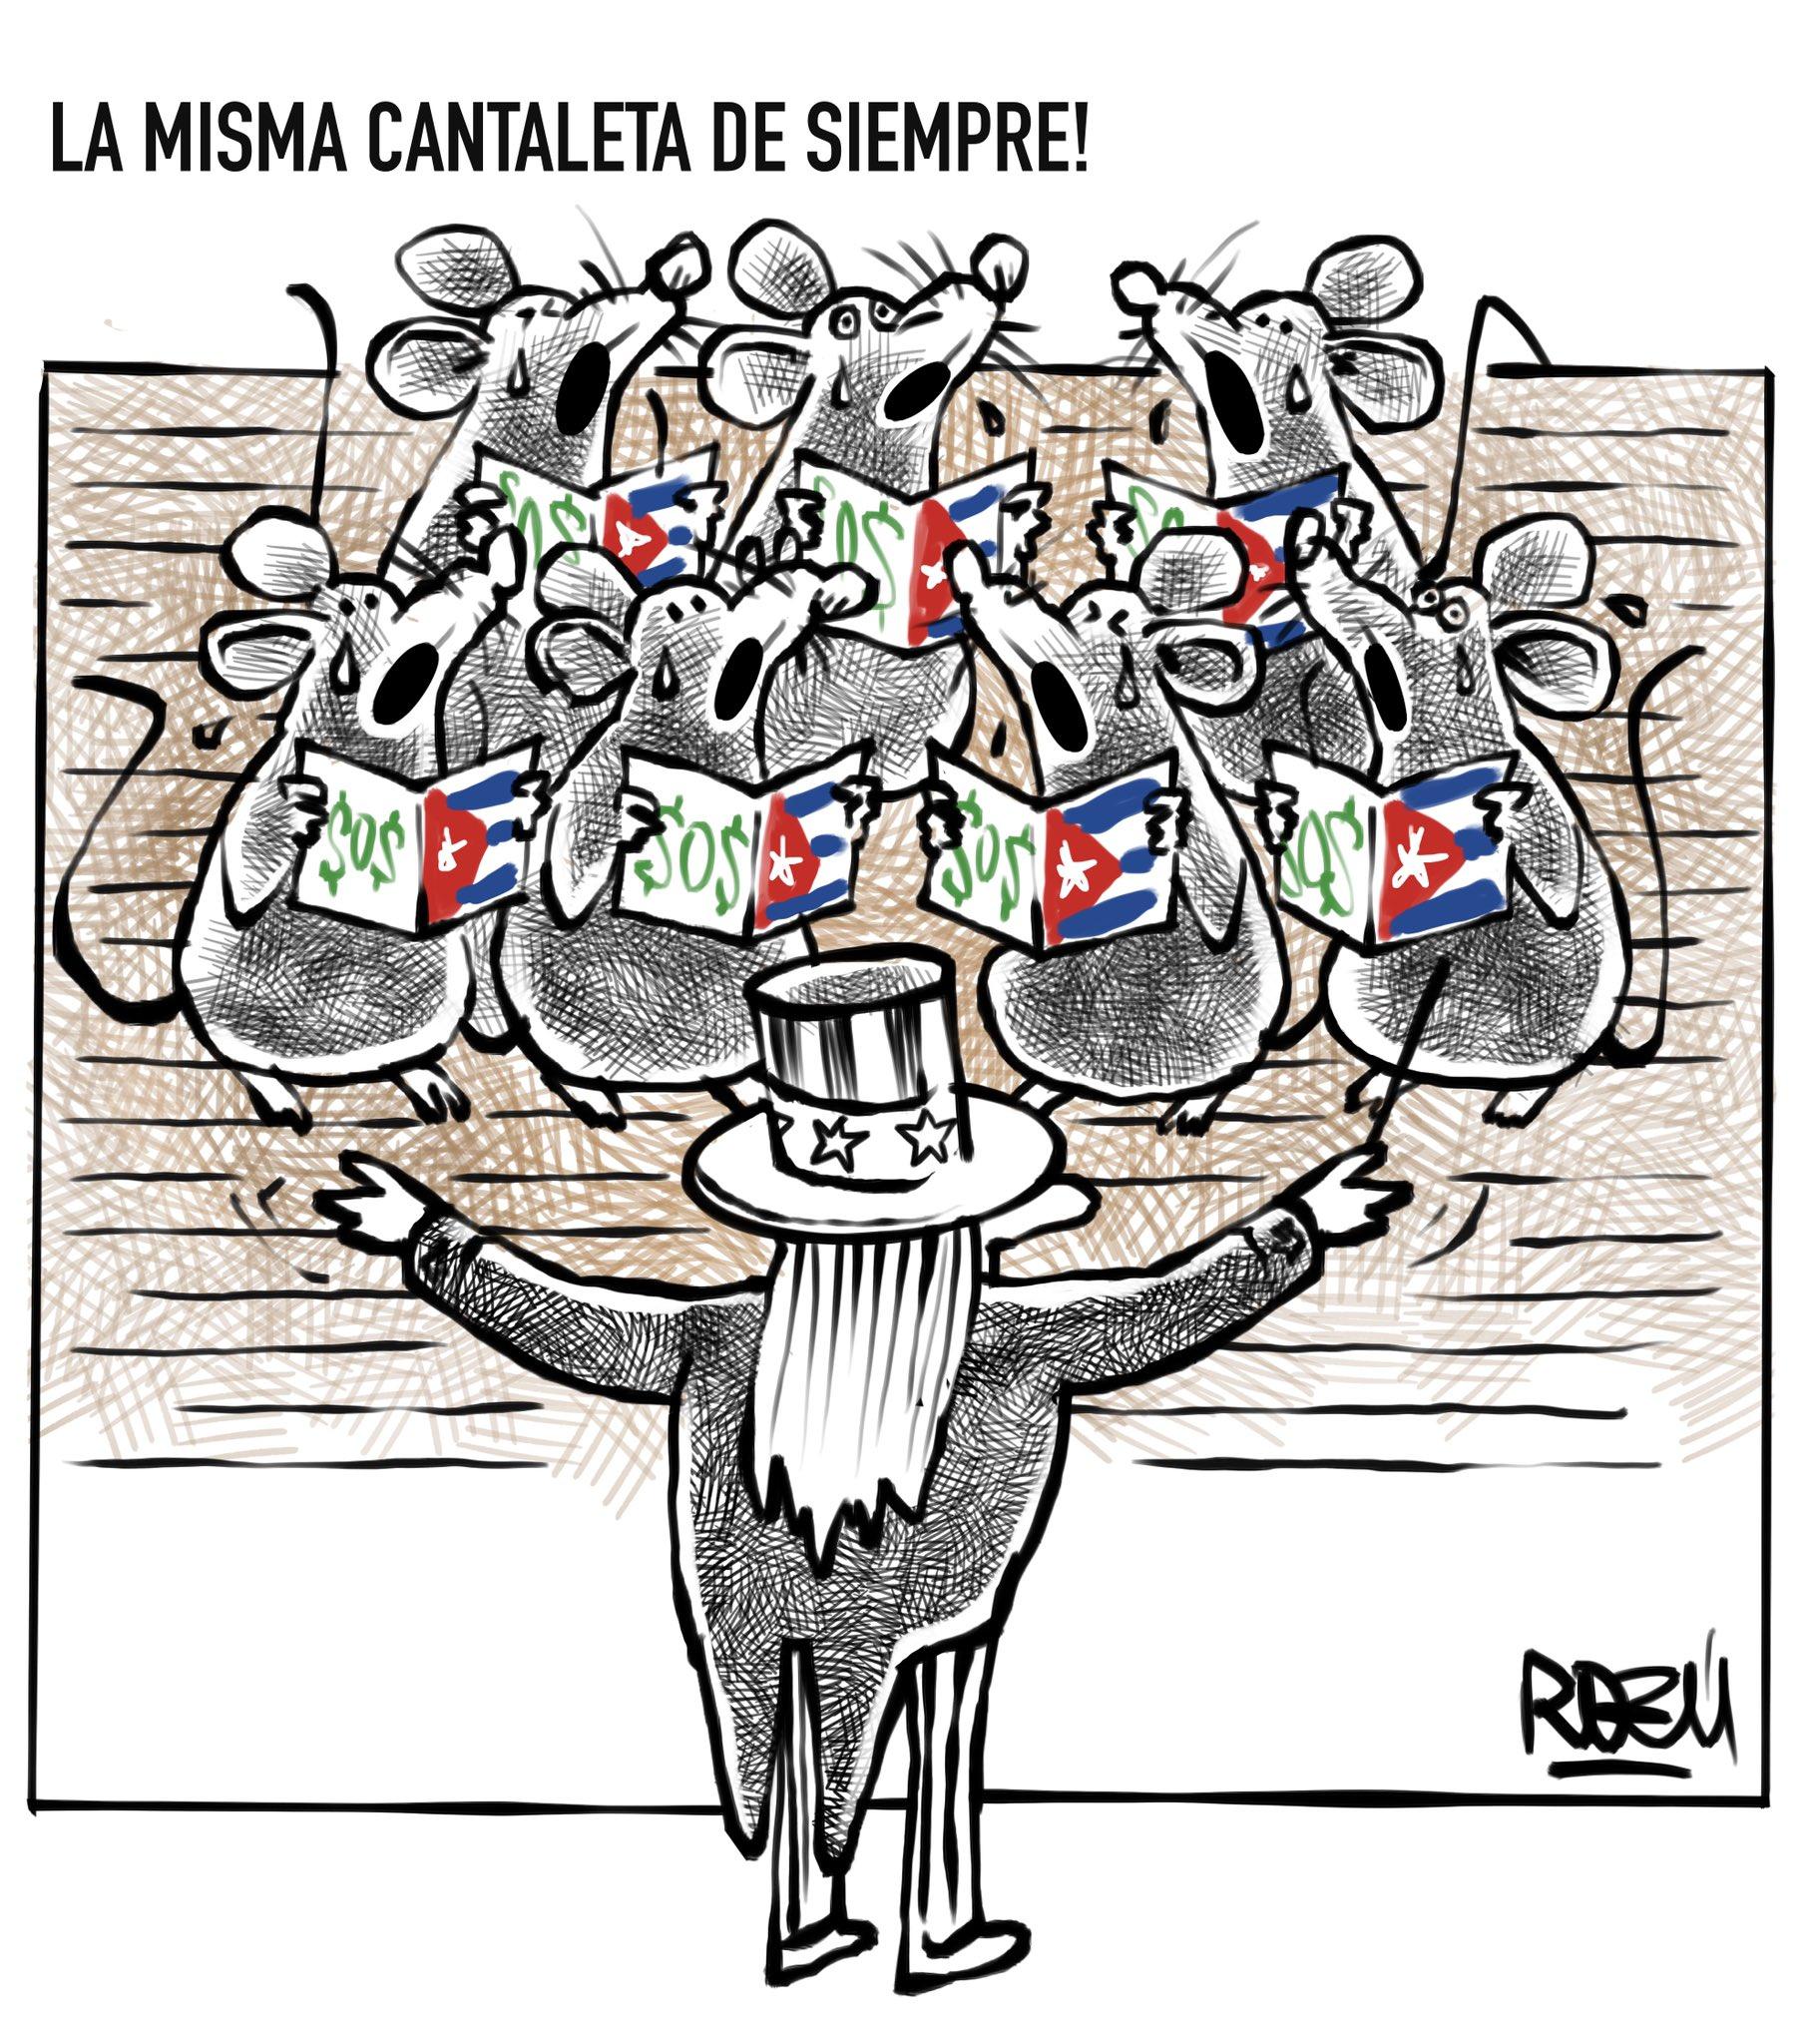 Reflexiones sobre la actualidad cubana Por Fabián Escalante   Cubadebate